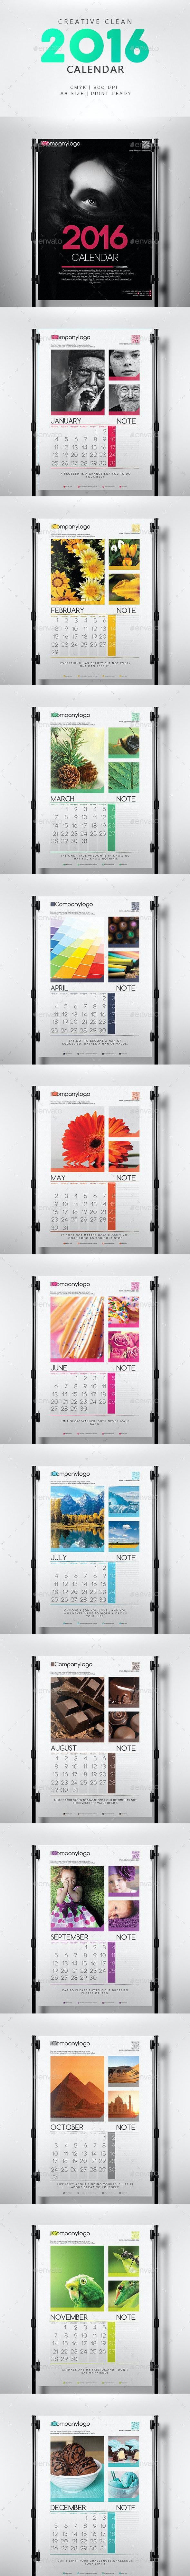 Clean 2016 Calendar - Calendars Stationery